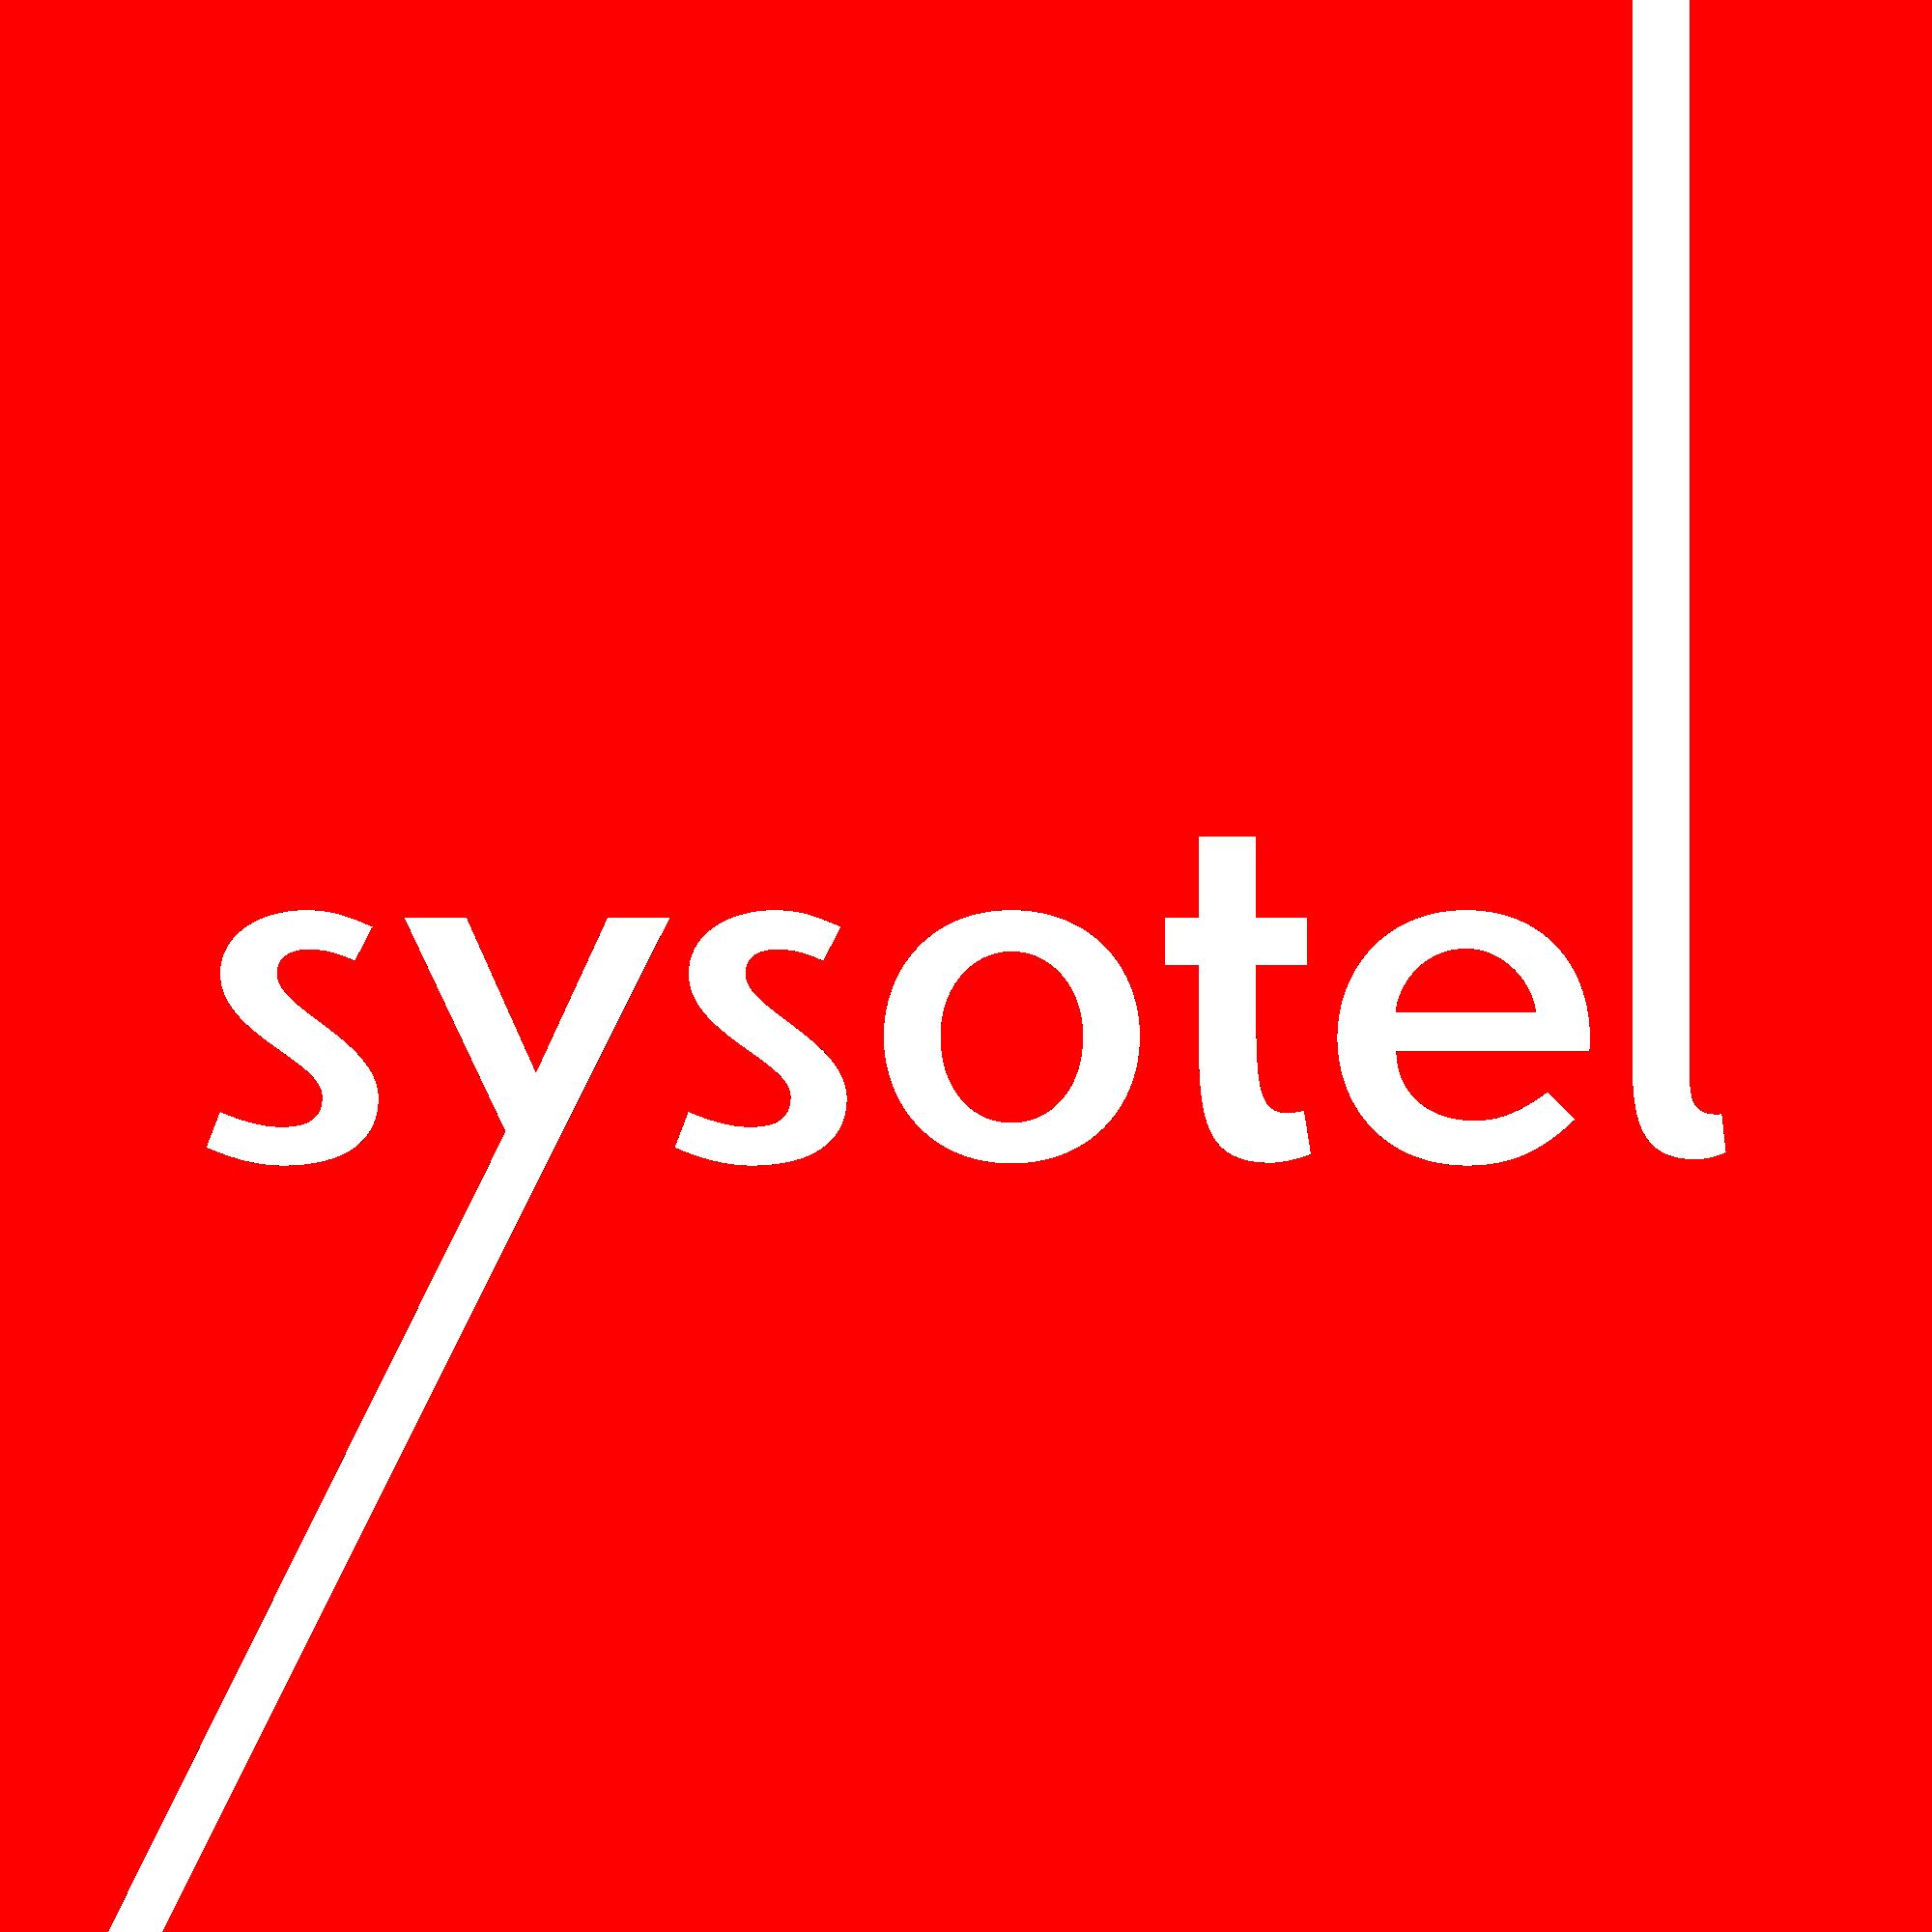 SYSOTEL Company Logo